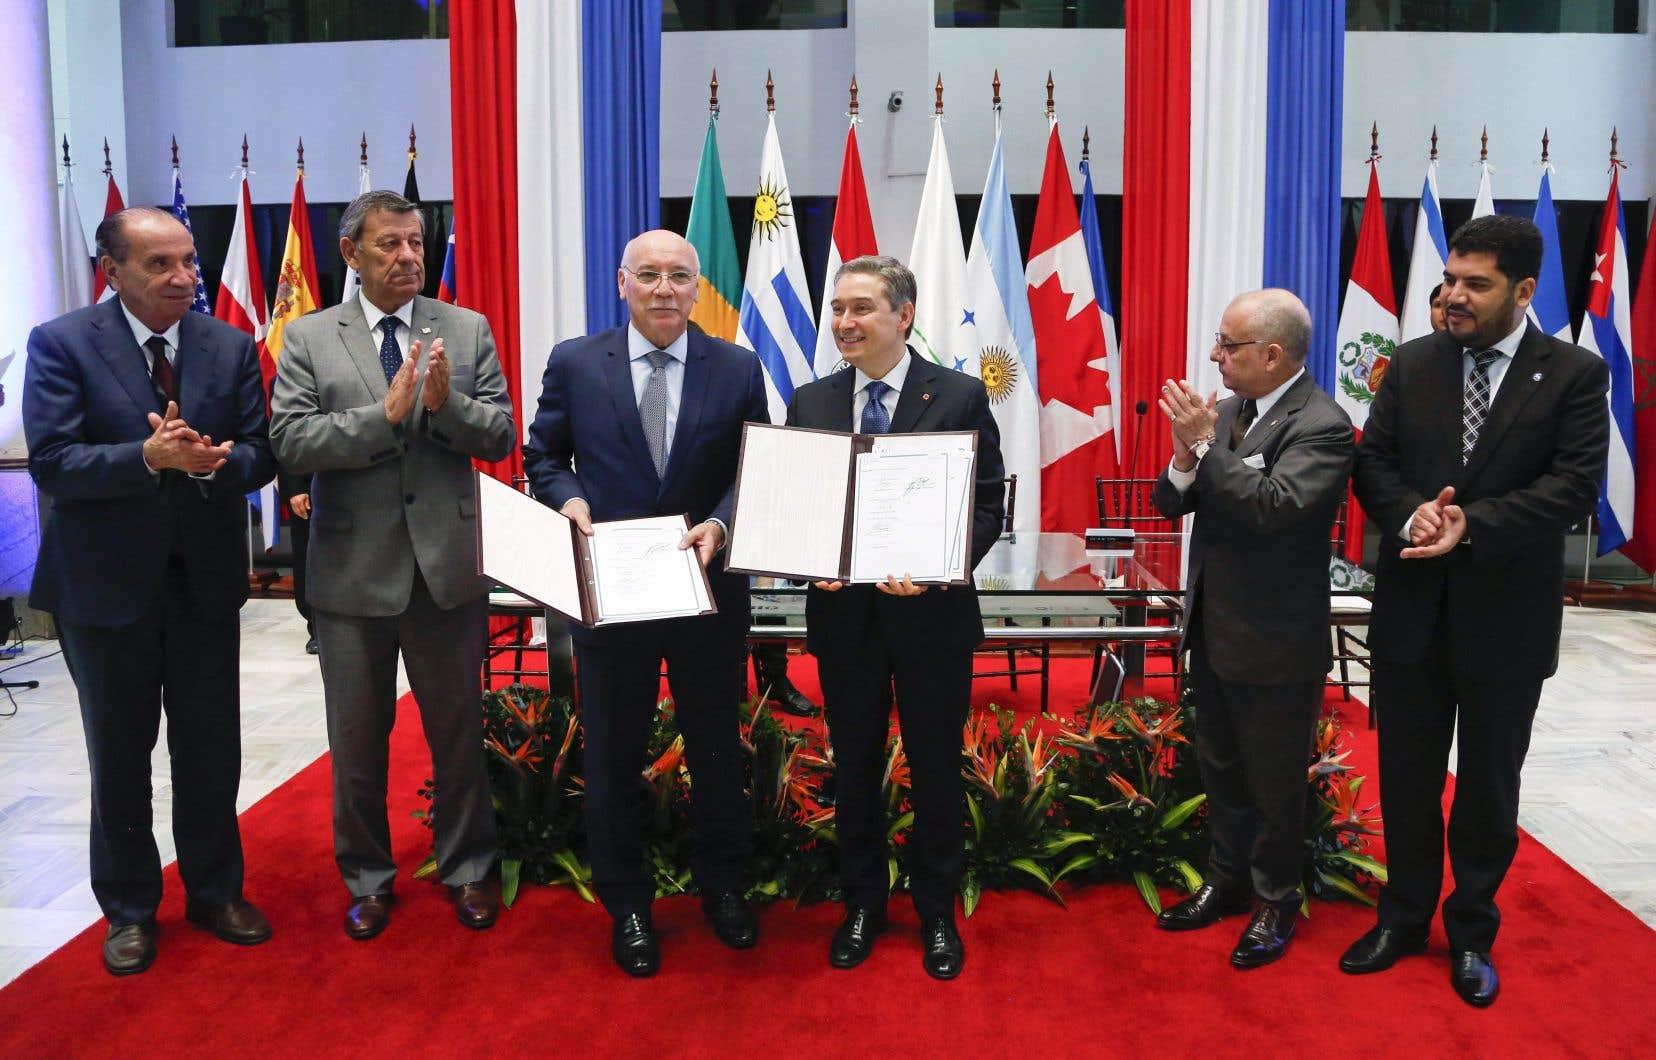 Le ministre canadien du Commerce international, François-Philippe Champagne, et ses homologues sud-américains.Le premier cycle de ces nouvelles négociations se tiendra cette semaine à Ottawa.